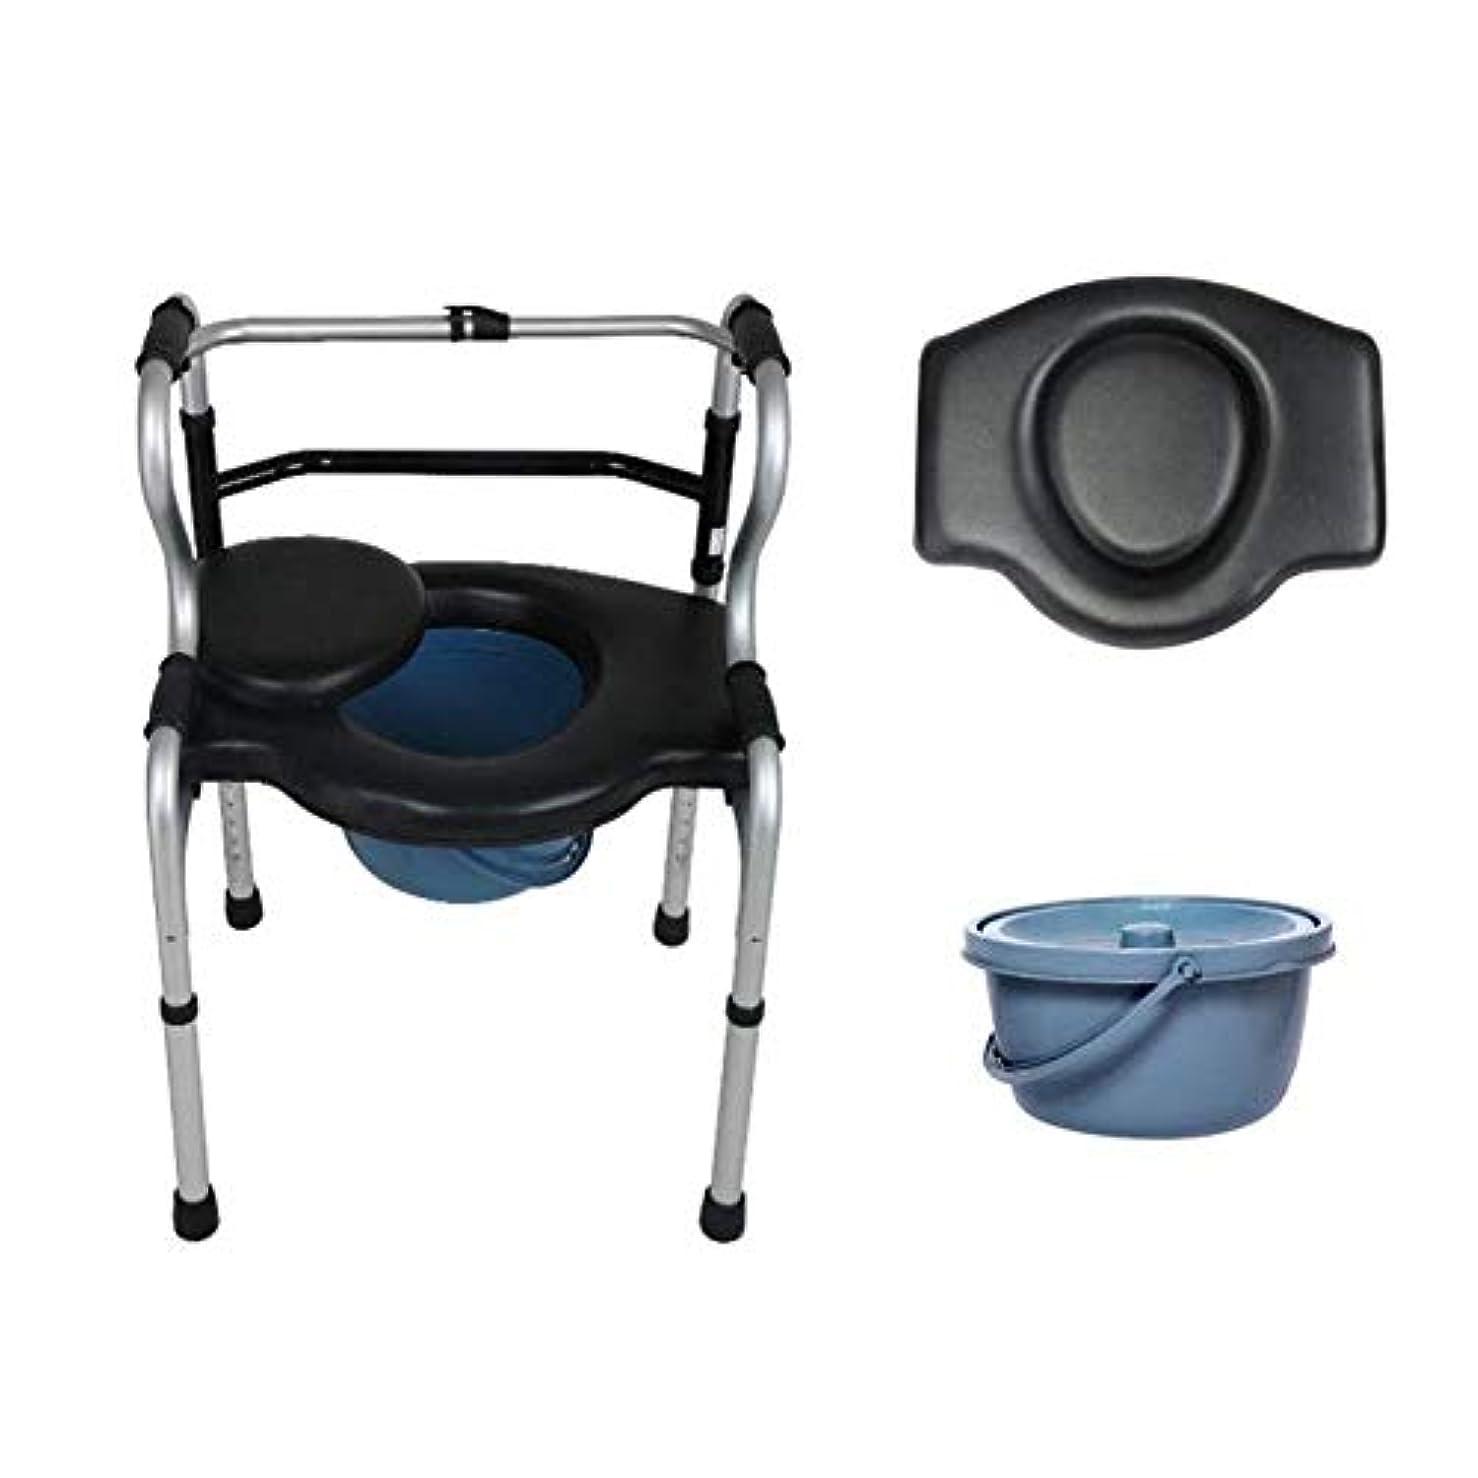 暴行追い払うフェミニン便器移動式椅子、シャワーの移動椅子の浴室の洗面所の腰掛けのためのFoldable移動式椅子